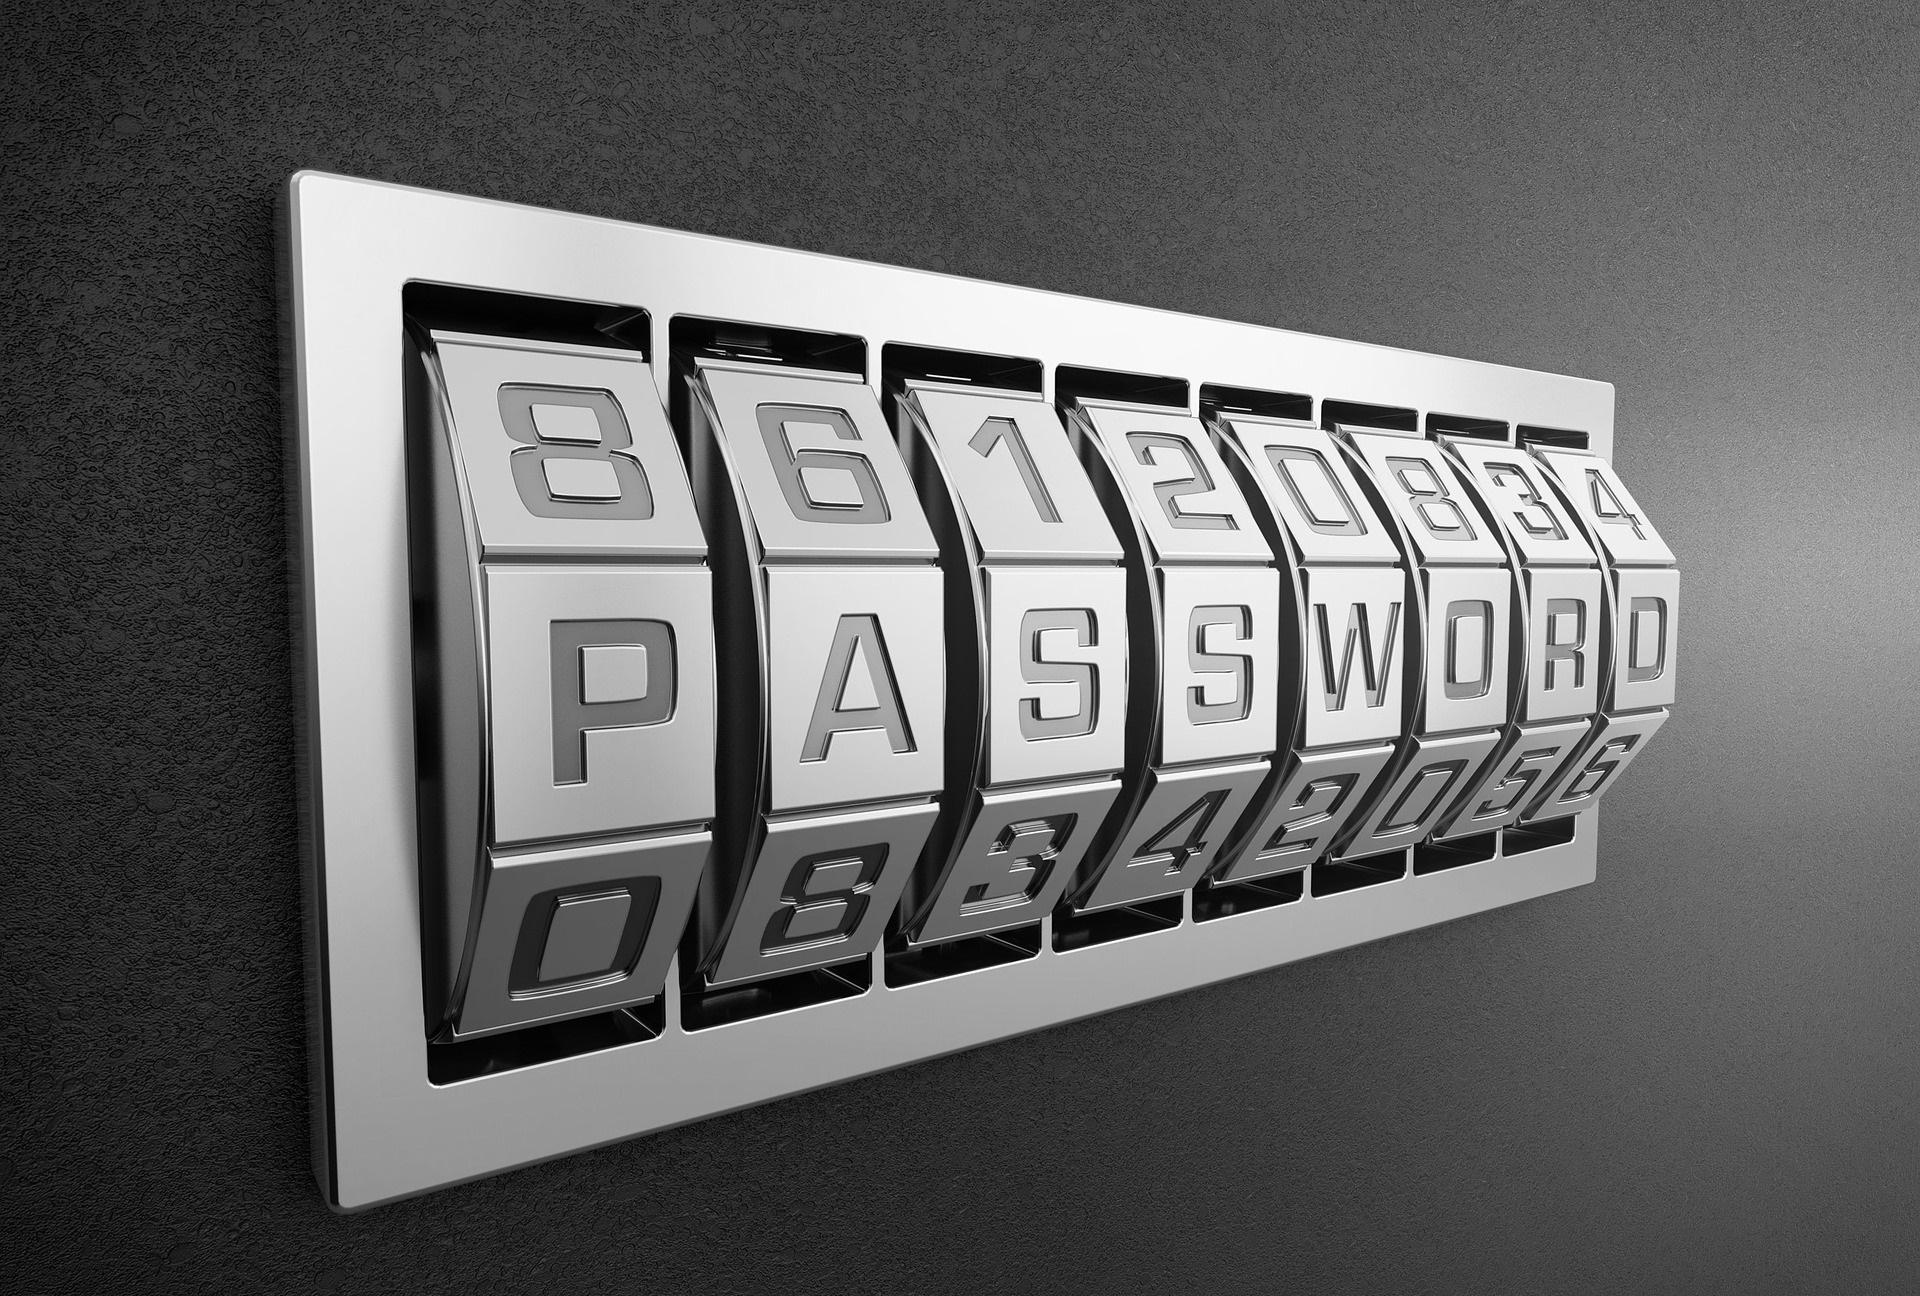 Teil 05 – Sichere Passwörter